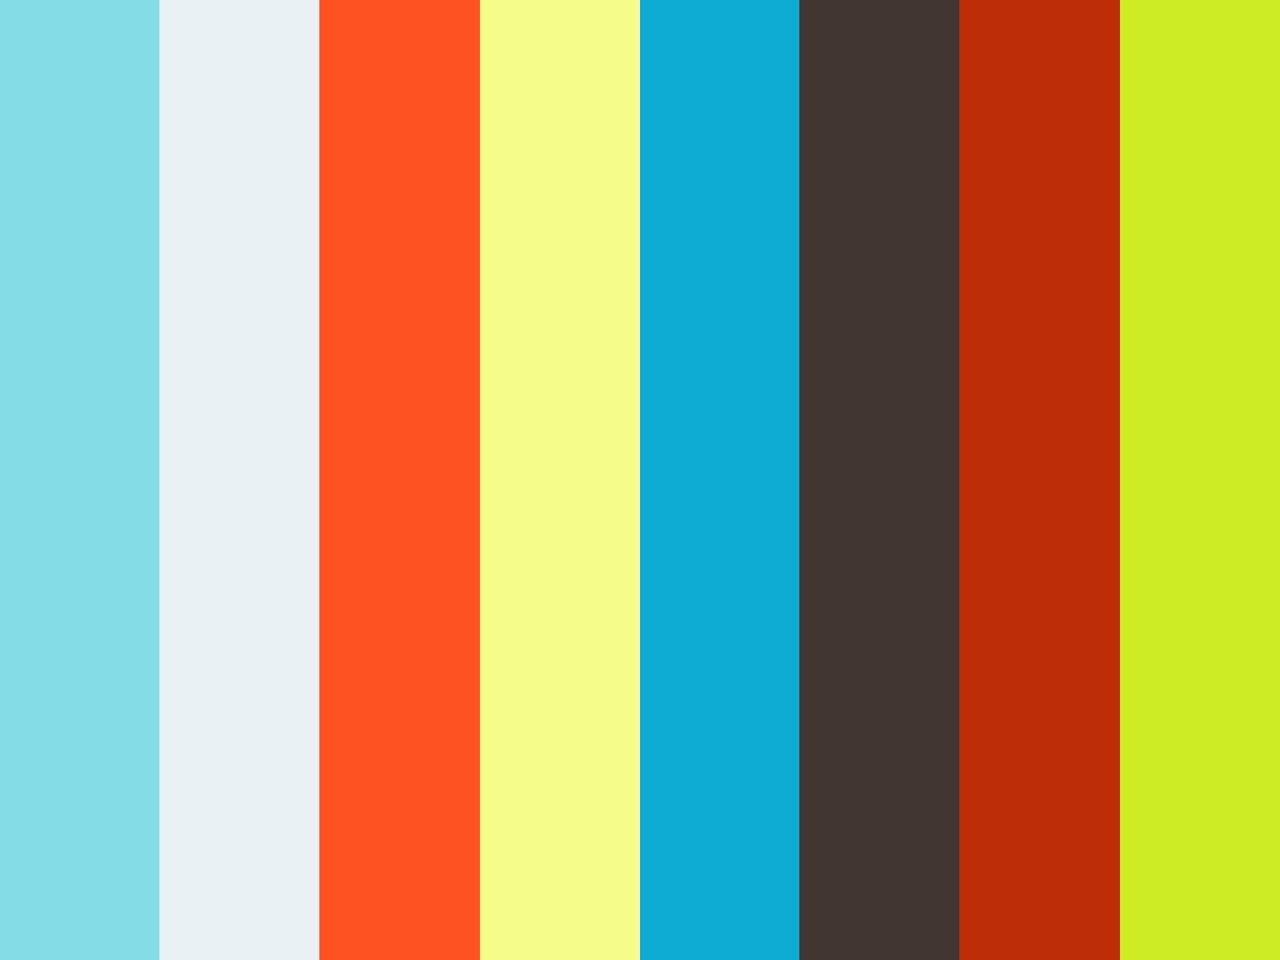 Uitnodiging 8 april 2021 'De afbreekeconomie' - een online tentoonstelling.